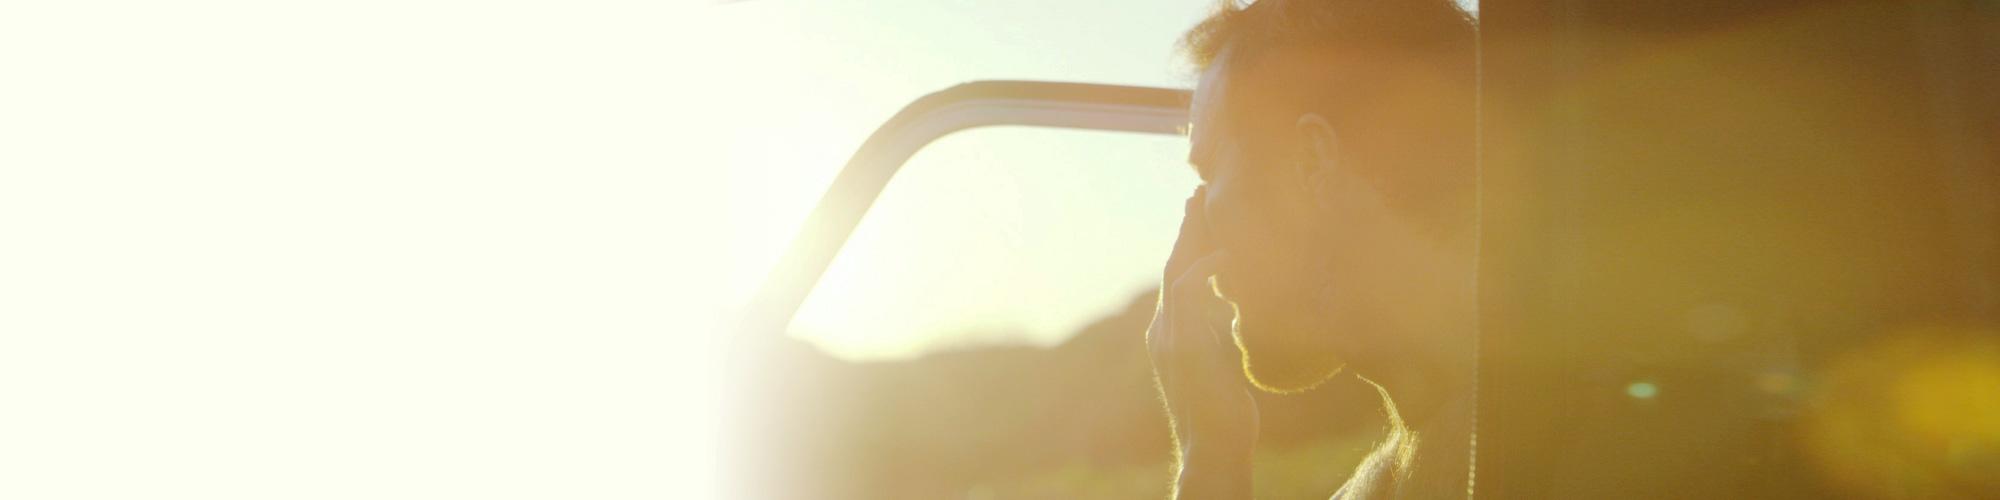 Hoe vaak moet je je insmeren met zonnebrand?